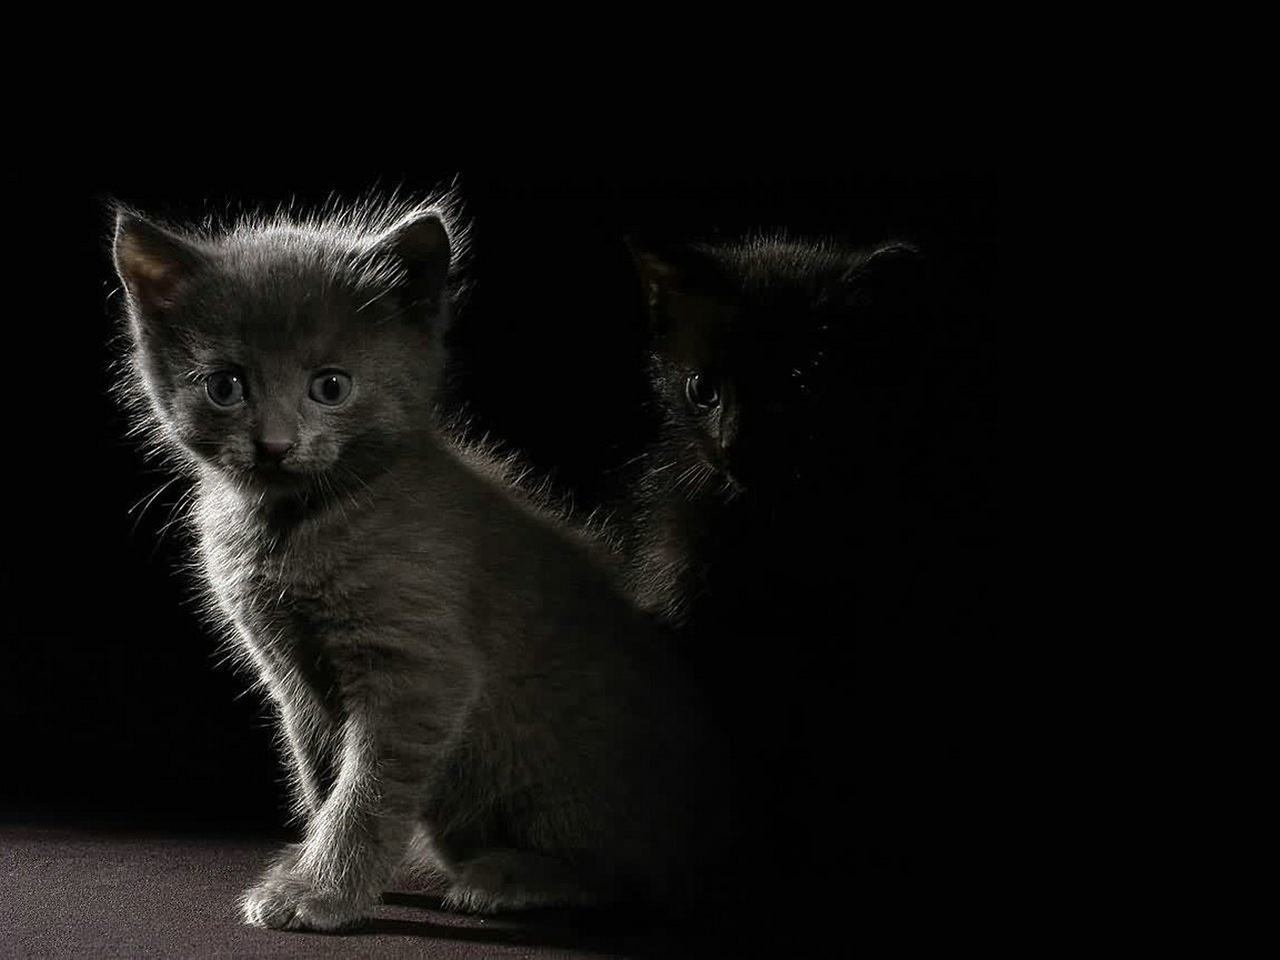 http://3.bp.blogspot.com/-fHuqooIZSaI/TjOF12mKS0I/AAAAAAAAADo/aEXf_VLTxJ4/s1600/ws_Kittens_in_the_dark_1280x960.jpg